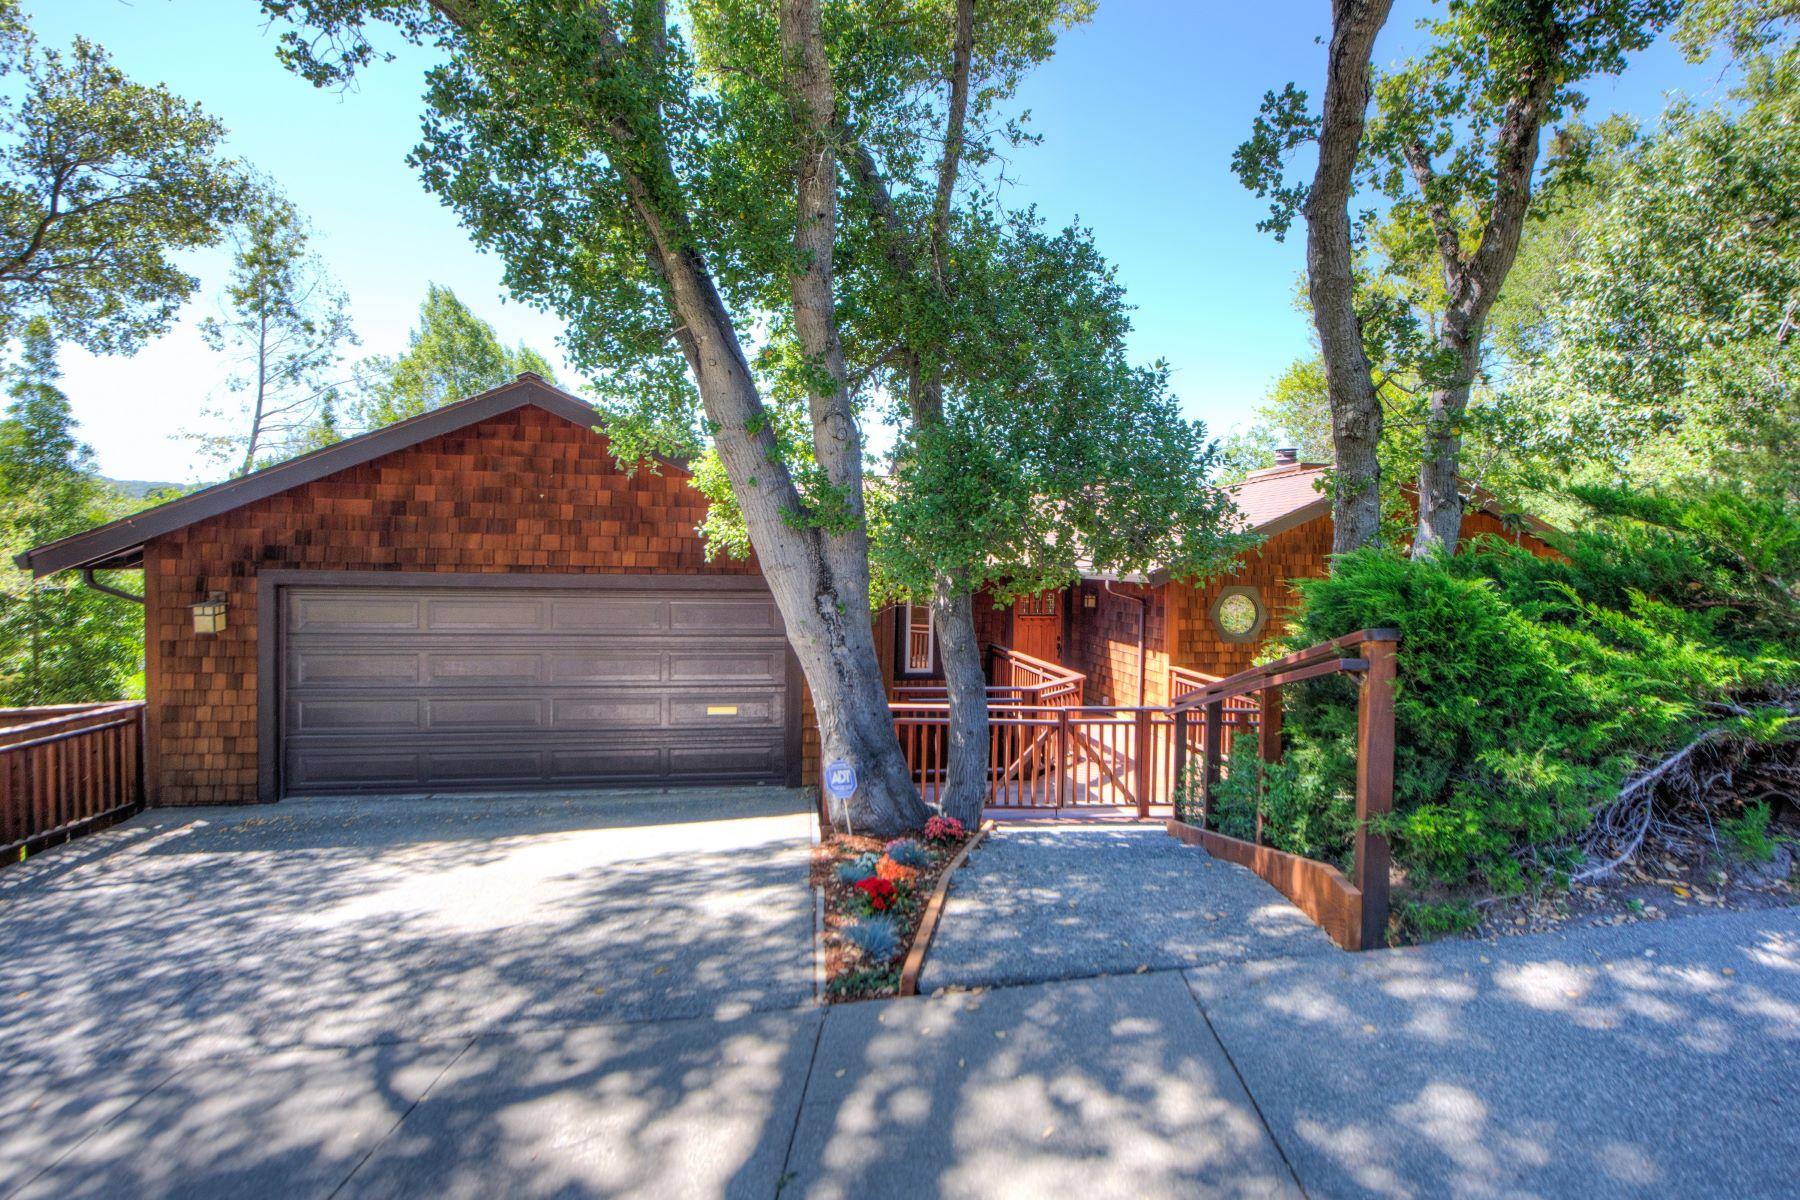 Частный односемейный дом для того Продажа на Wonderful View Home in Marin Country Club 125 Pebble Beach Drive Novato, Калифорния 94949 Соединенные Штаты